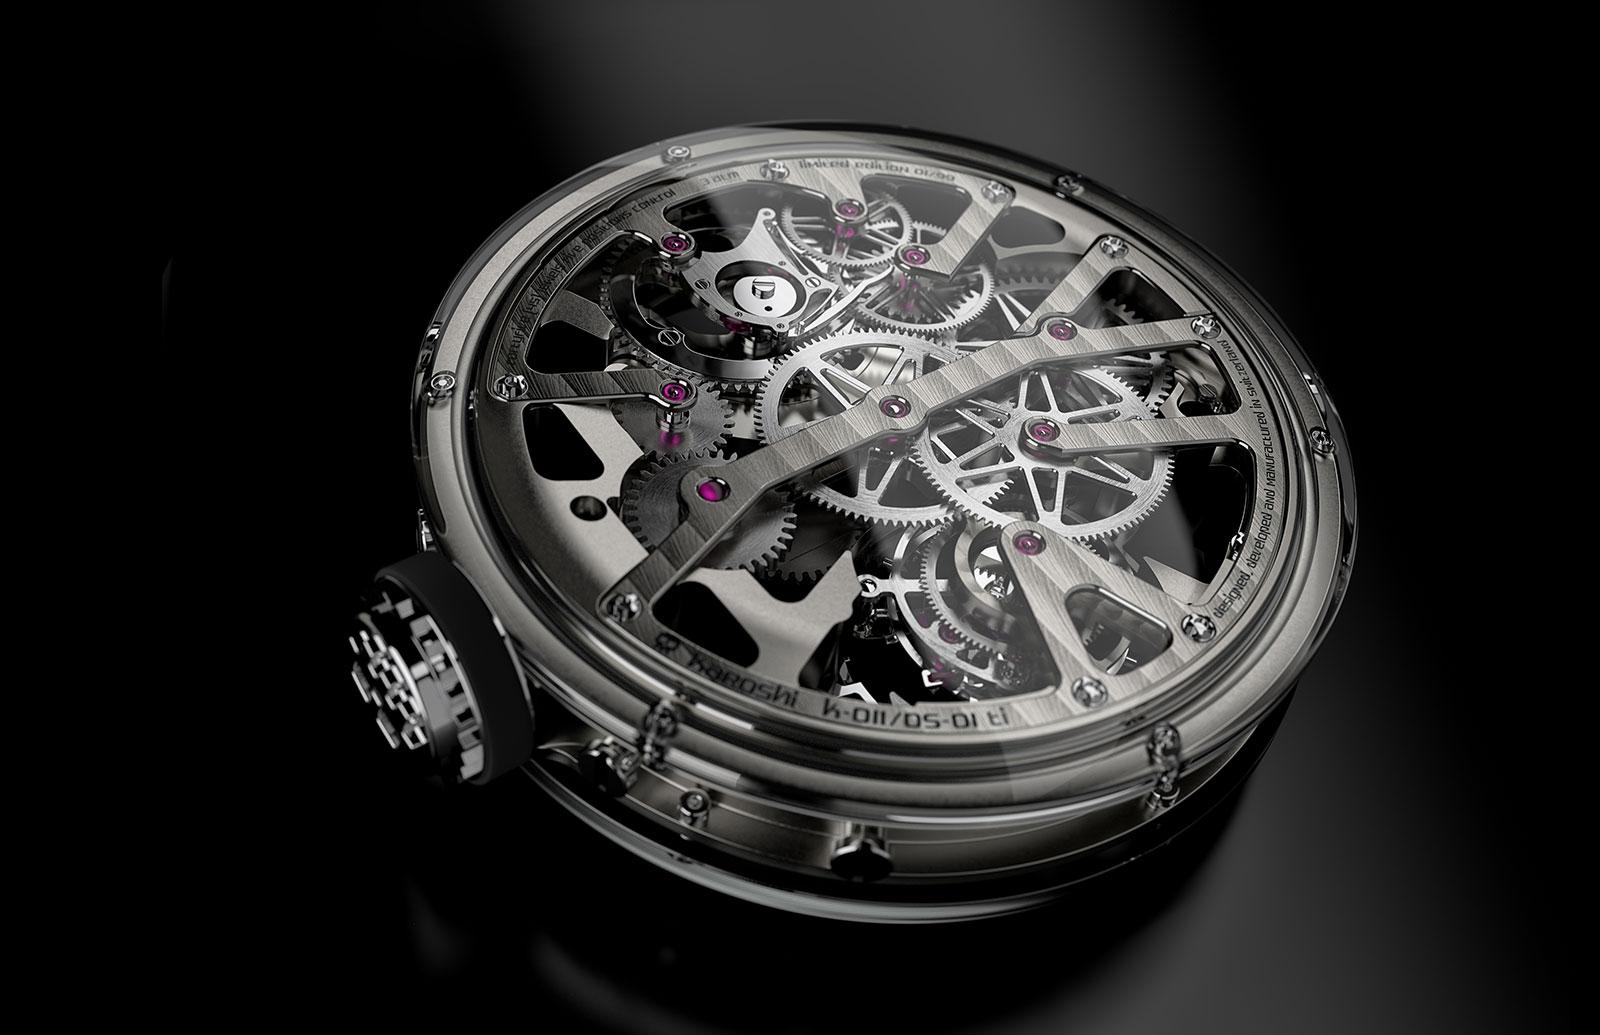 Karoshi Watches k-011-os-01 tourbillon 5